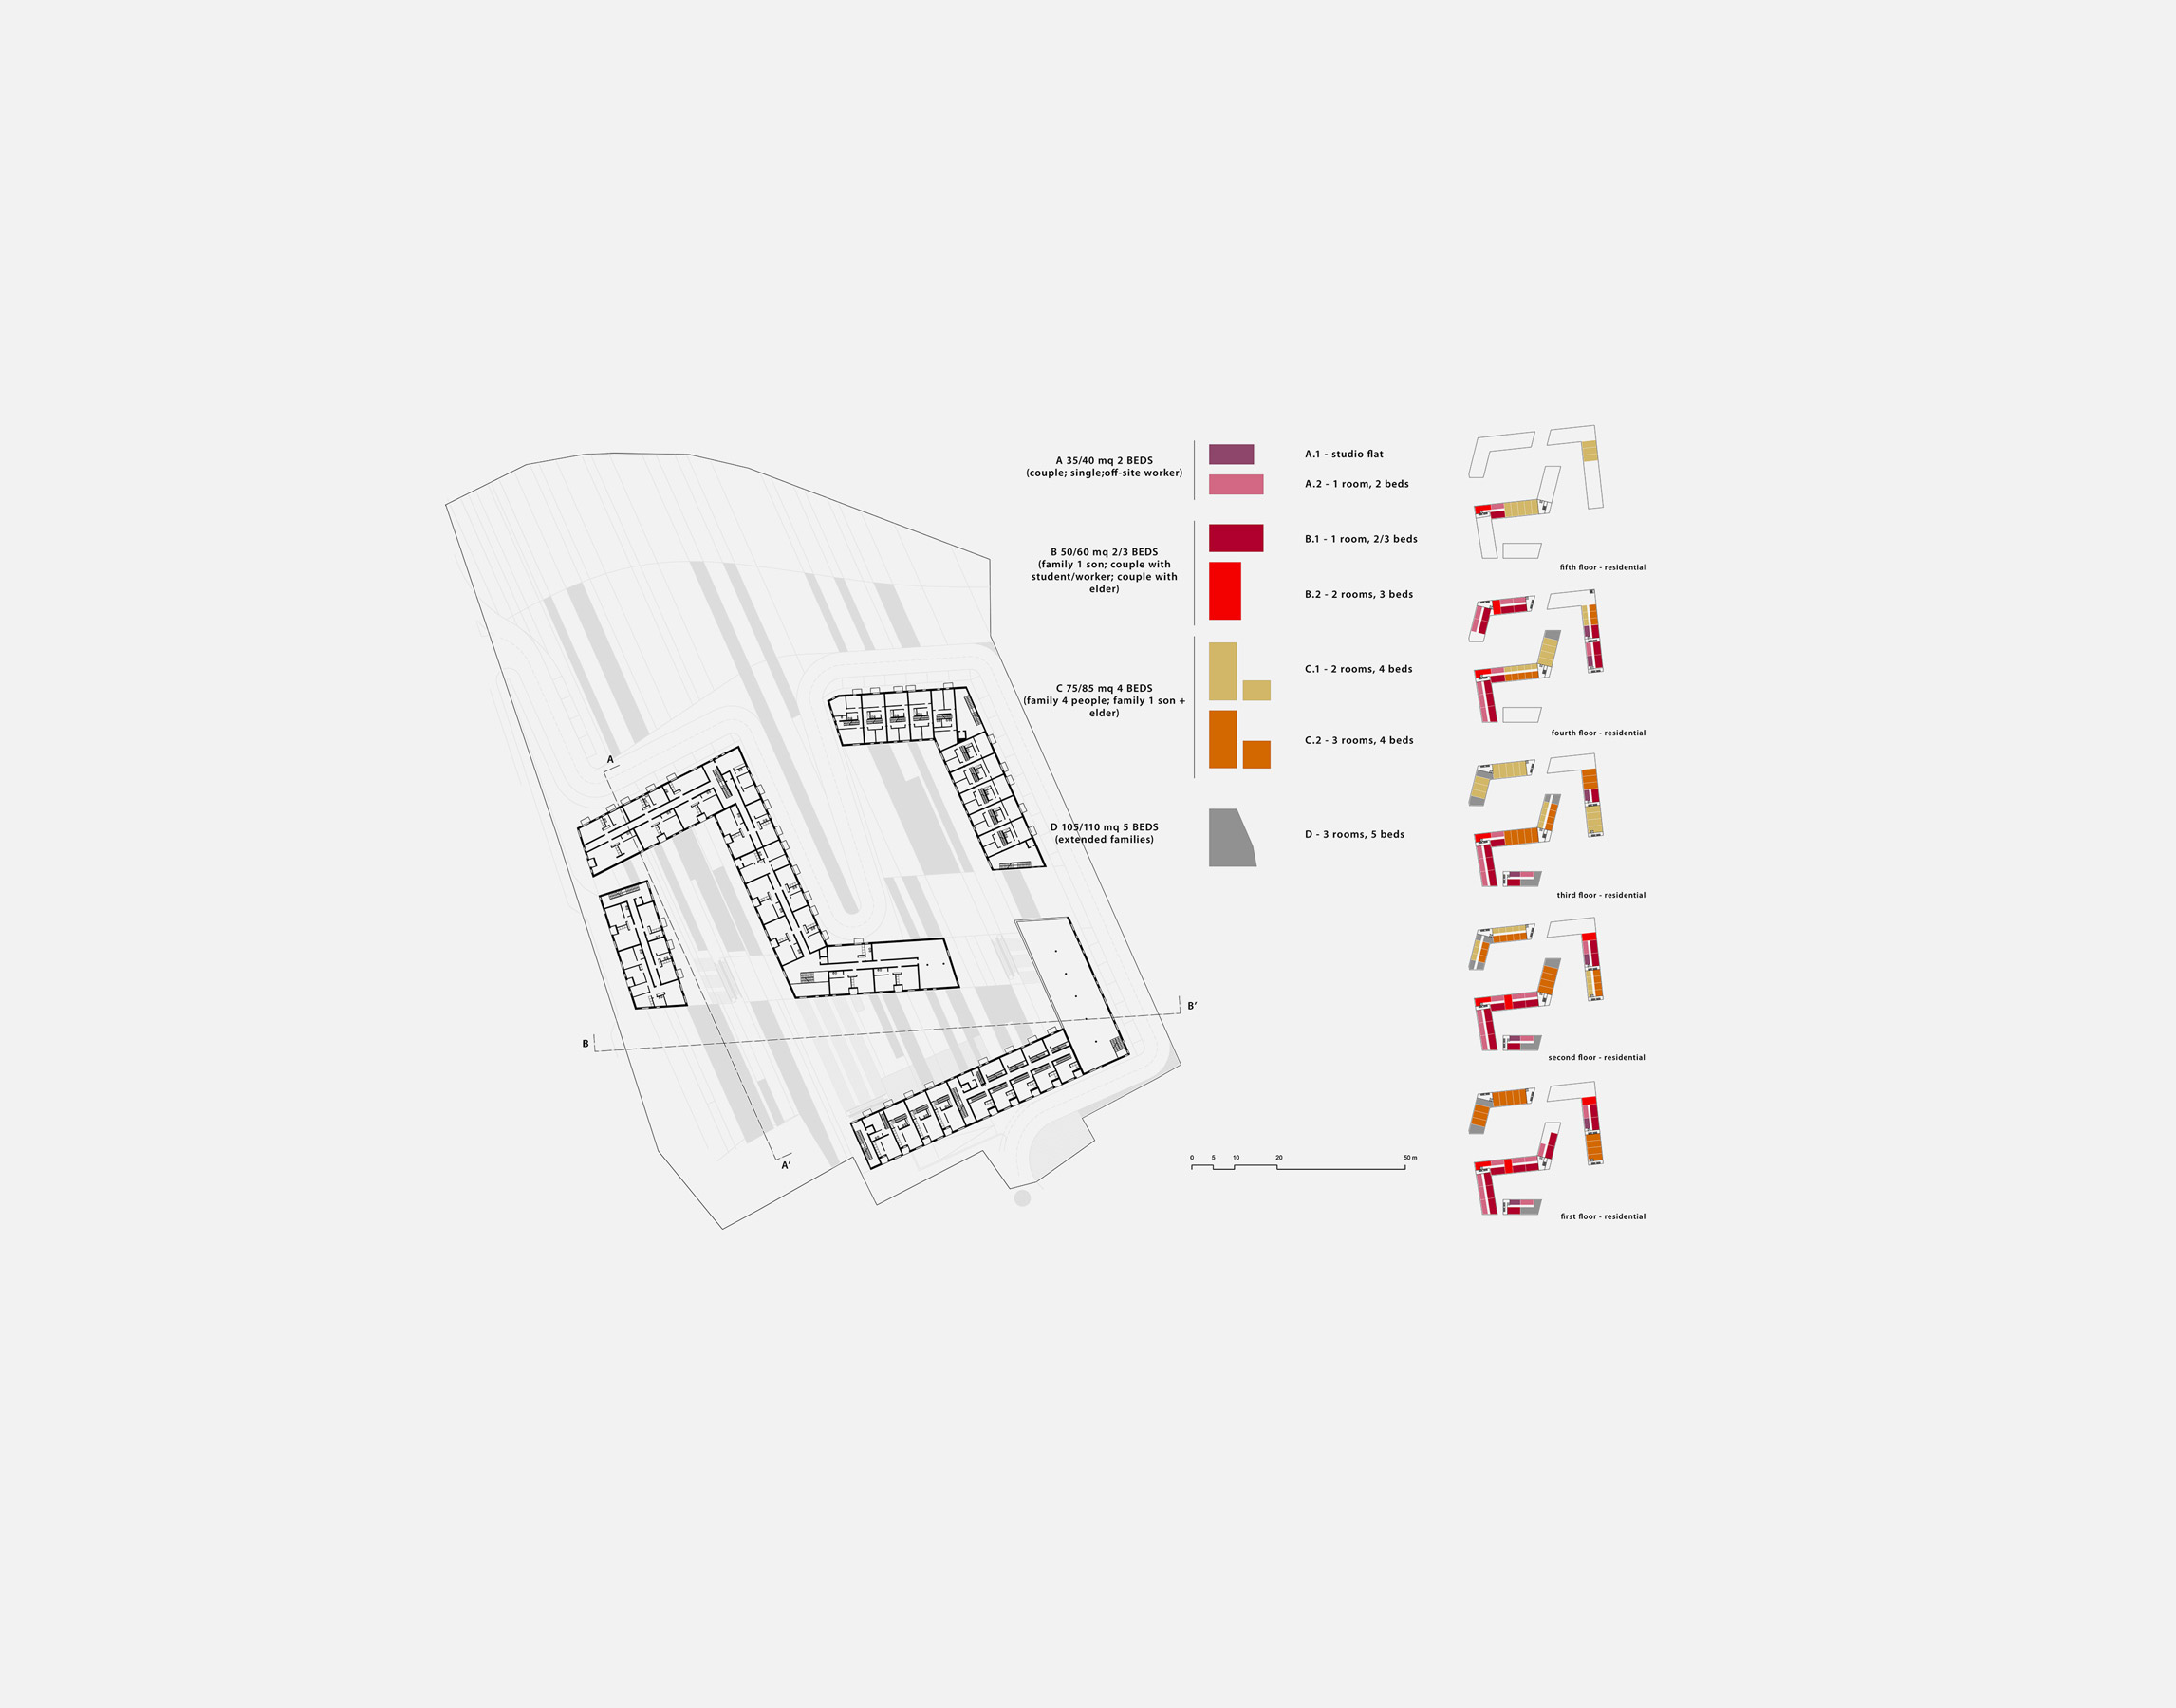 Rijeka planimetria e schemi funzionali